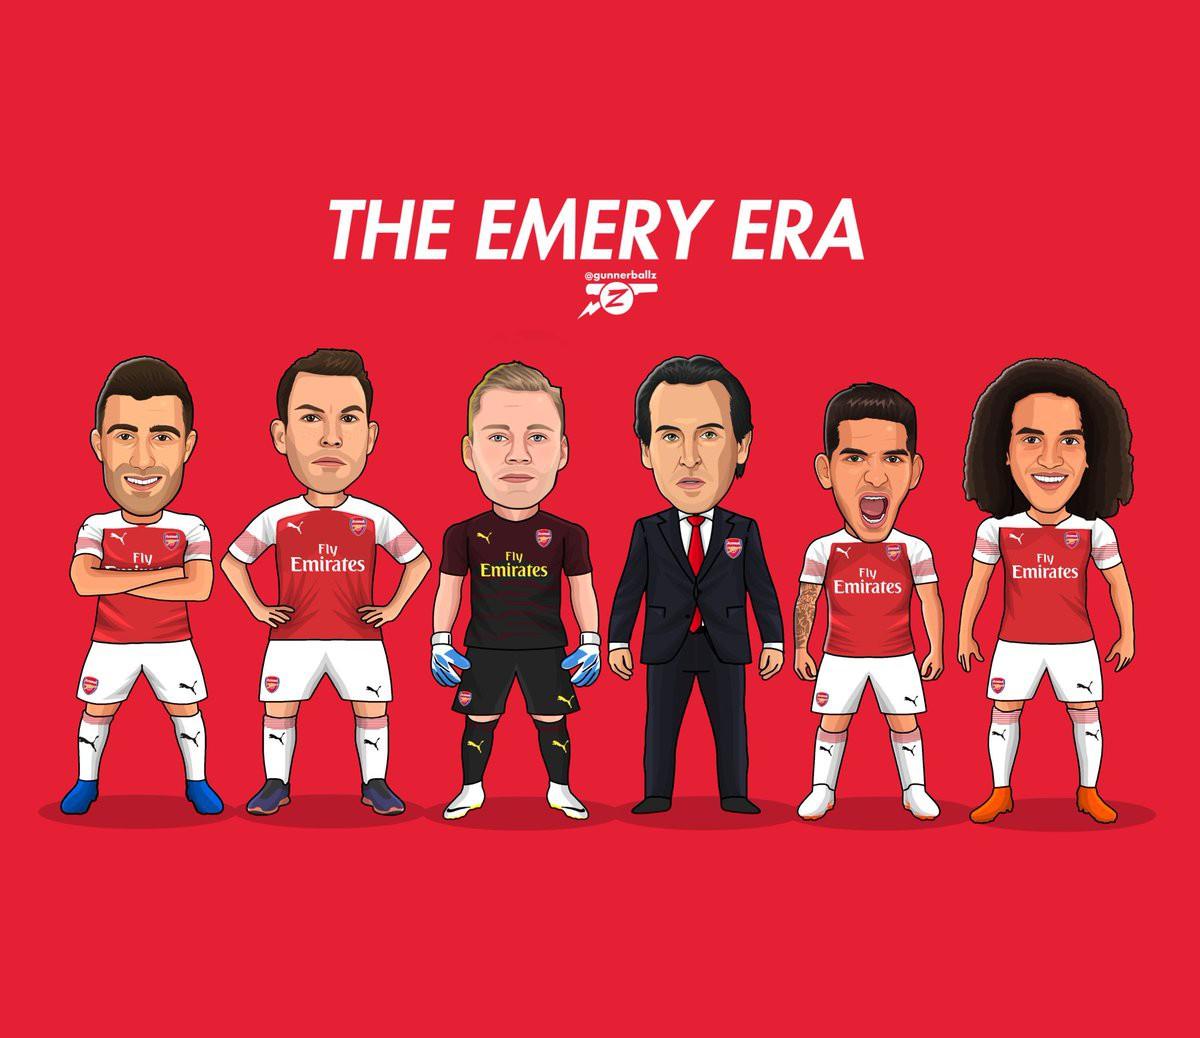 Tiết lộ đội hình trong mơ của Arsenal sau kỳ chuyển nhượng mùa Đông 2019 - Ảnh 1.